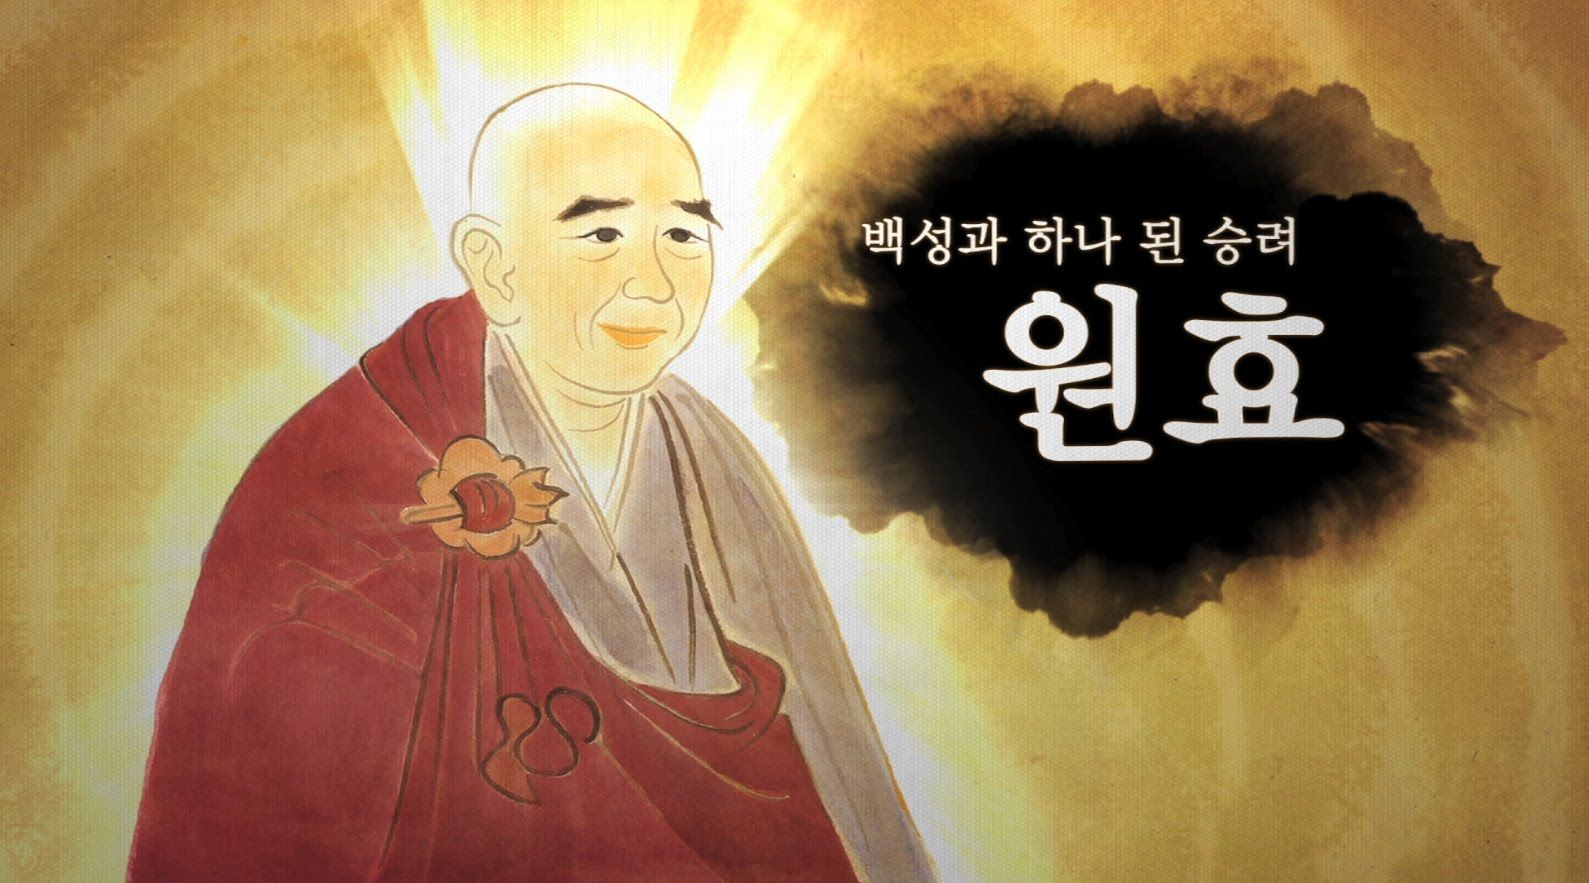 [대교] 우리 역사 바로 알기 _ 13편 원효